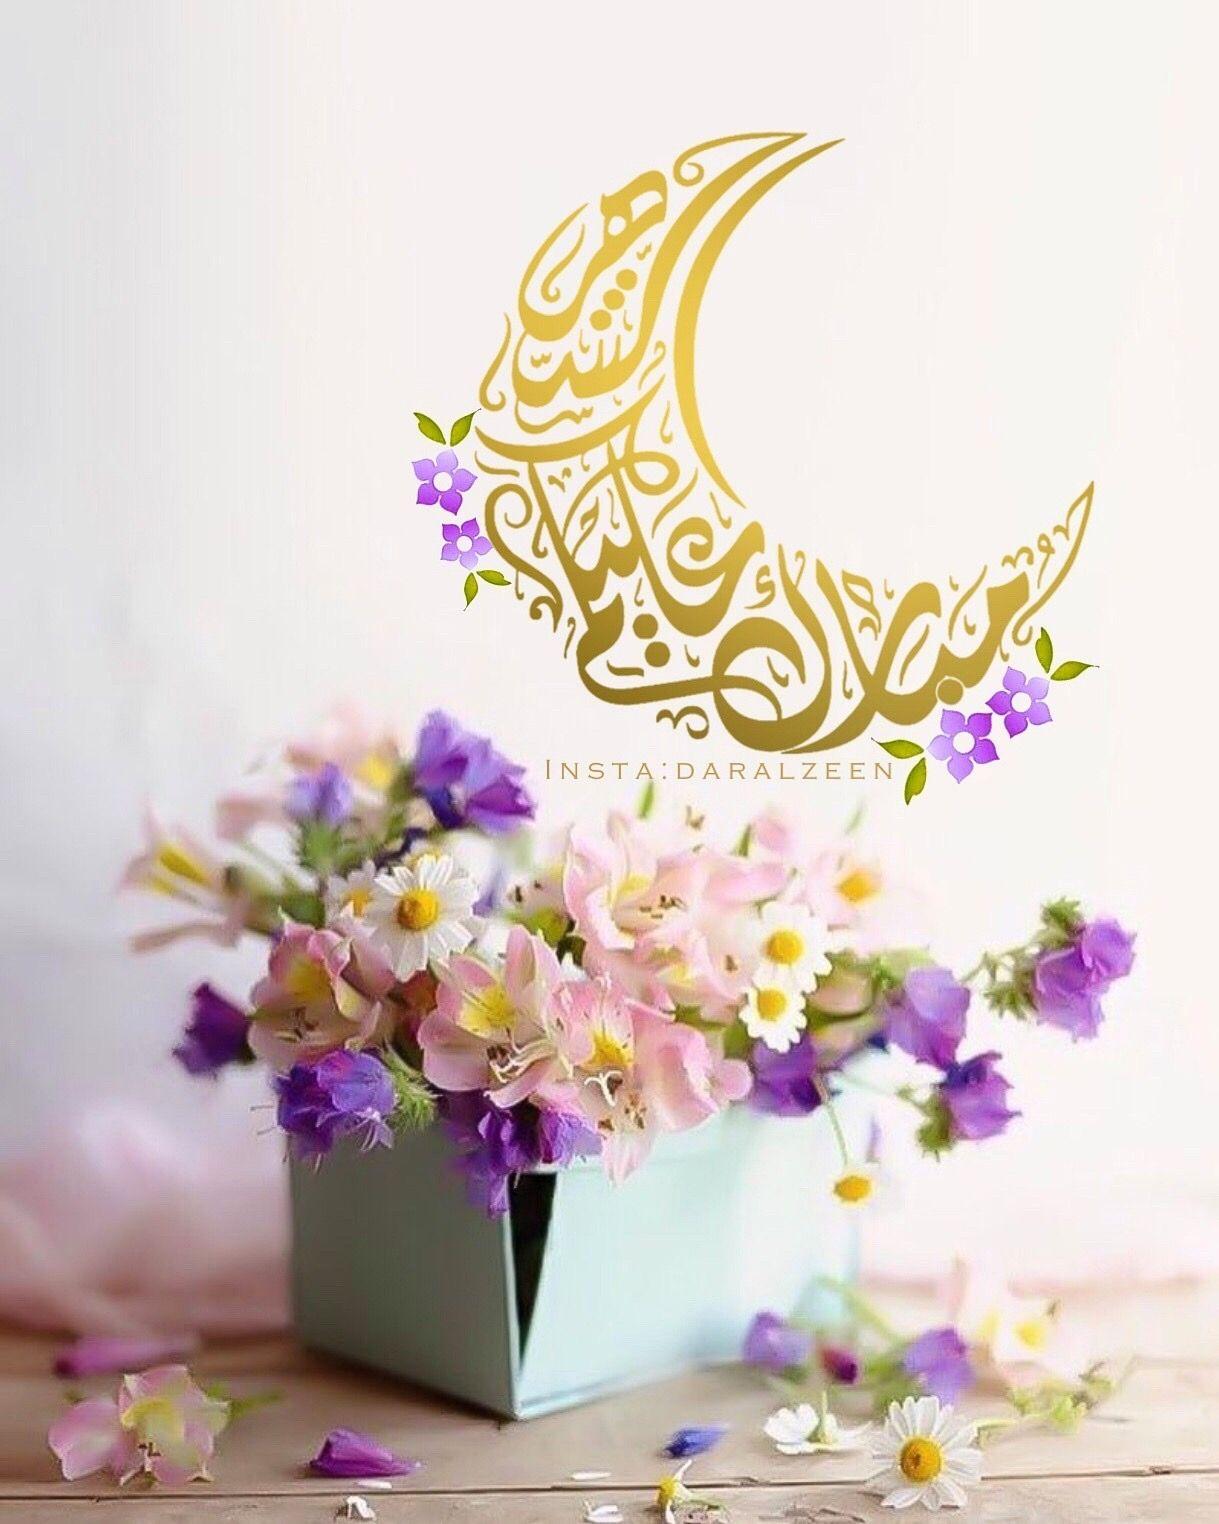 مبارك عليكم الشهر تقبل الله منا ومنكم صالح الاعمال Eid Mubarak Wallpaper Ramadan Decorations Ramadan Lantern